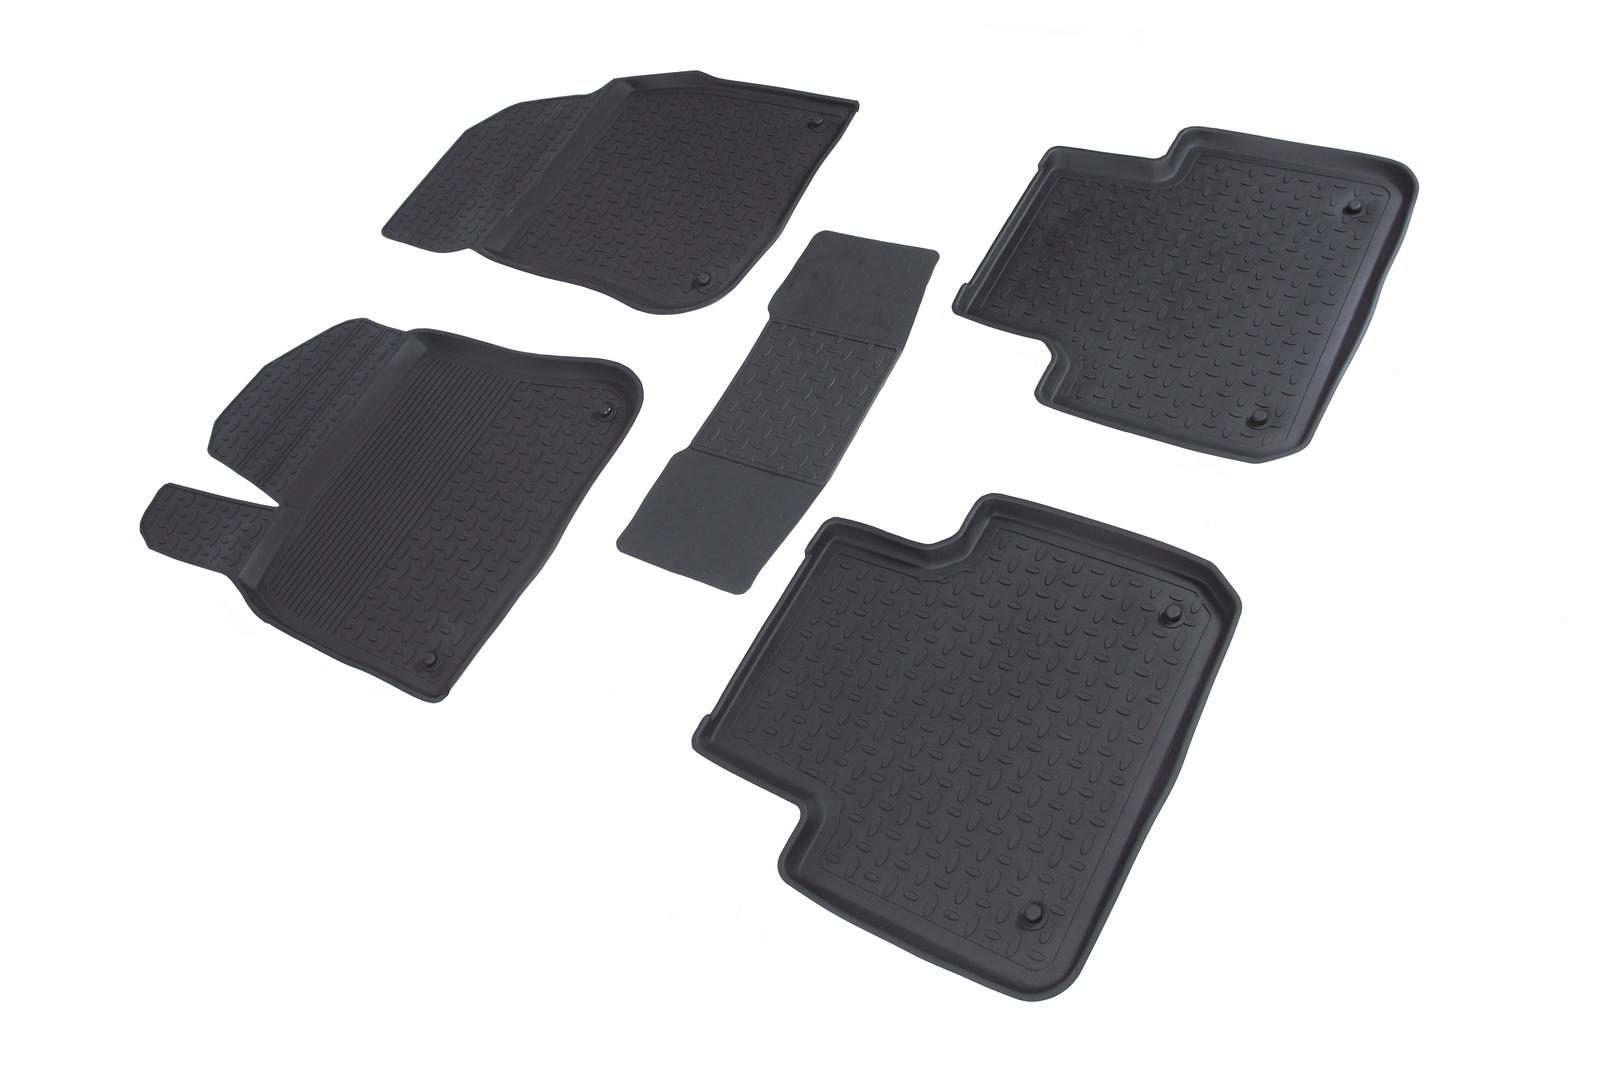 цена на Коврики в салон автомобиля Seintex Резиновые коврики с высоким бортом для Volvo V-90 CC 2016-